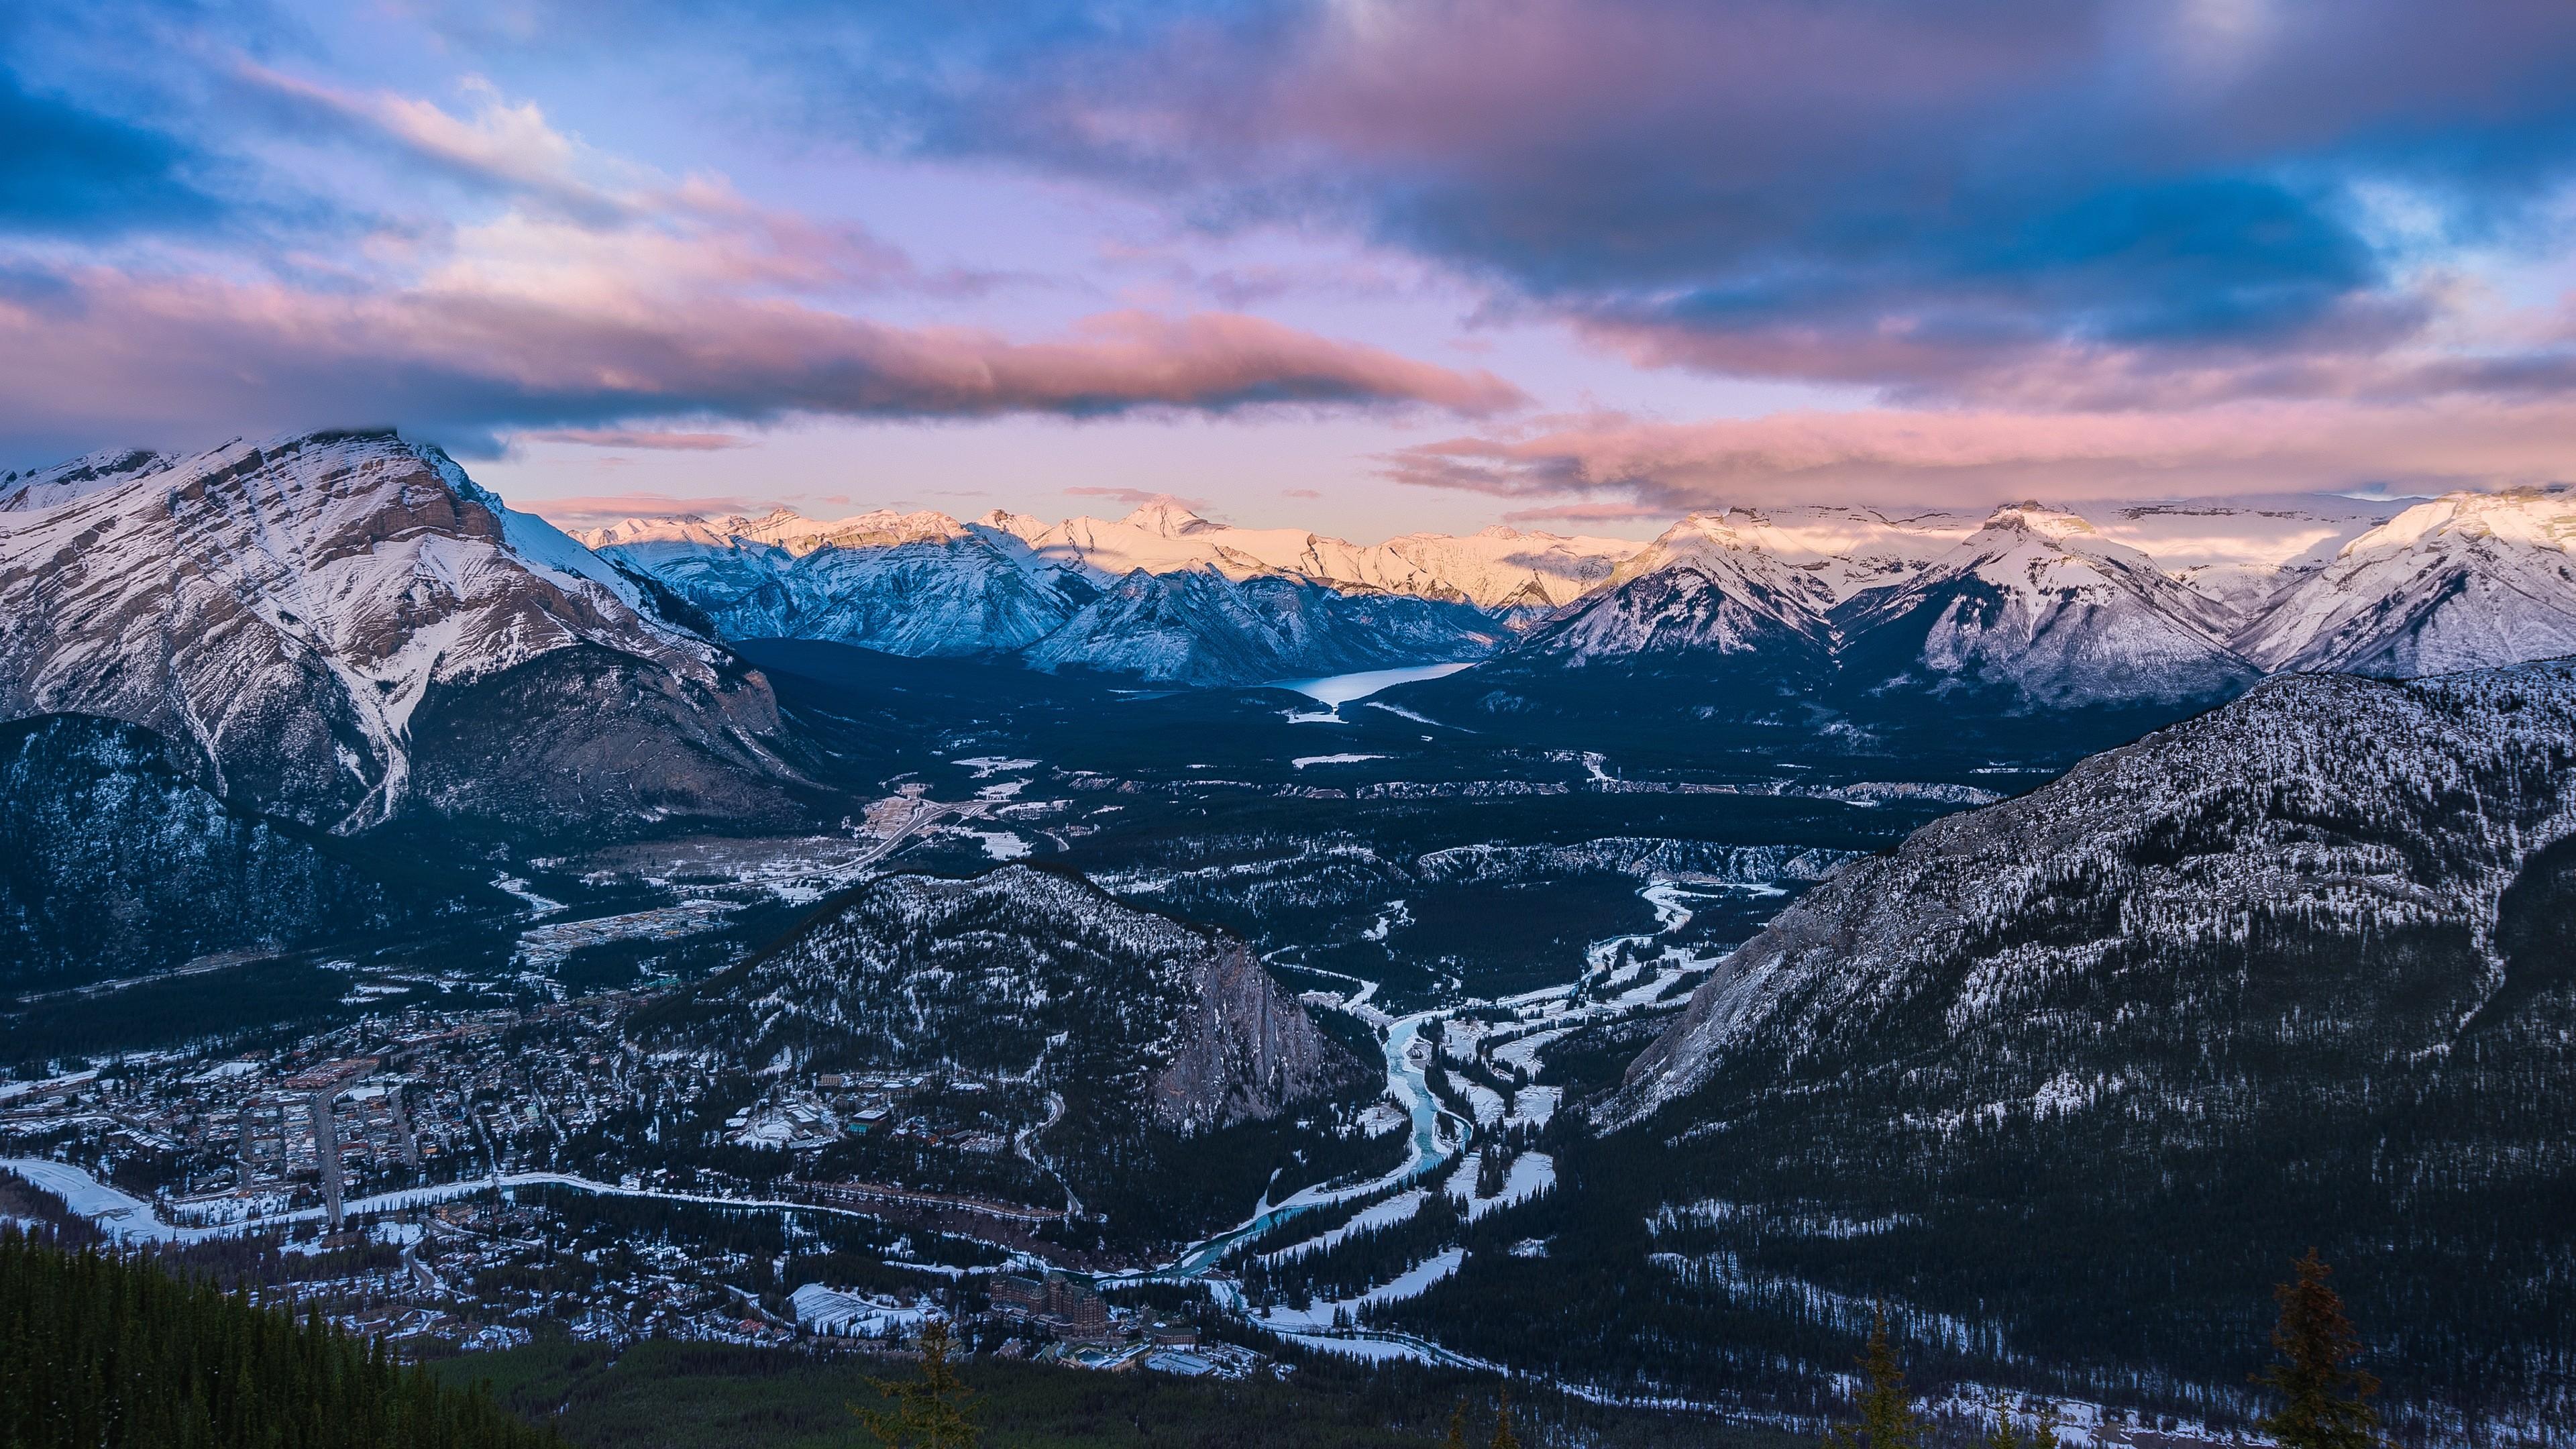 Bow Valley Sulphur Mountain 4K Ultra HD Desktop Wallpaper Uploaded by  DesktopWalls